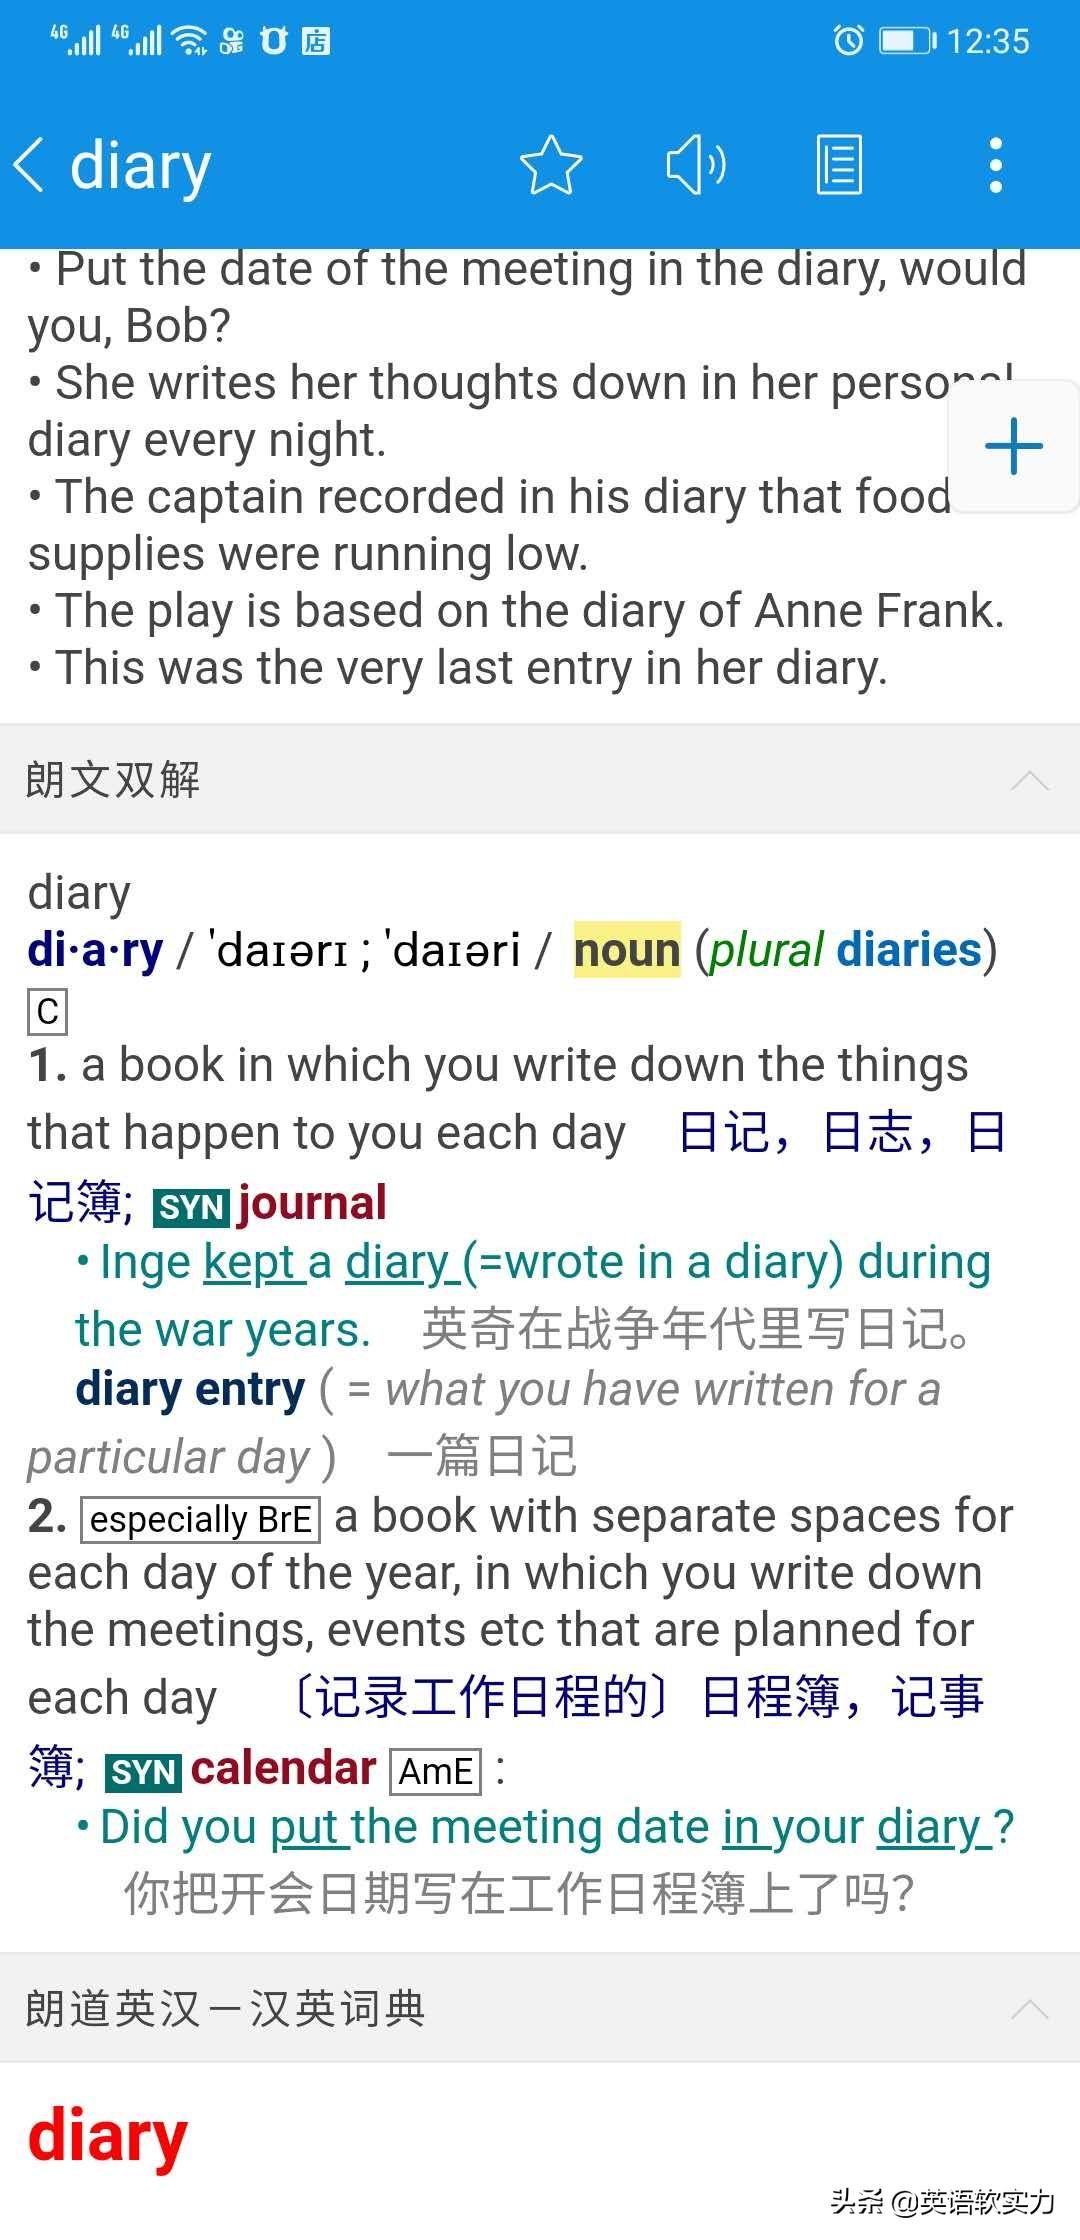 英语词典软件哪个好(公认最实用的英语词典软件)